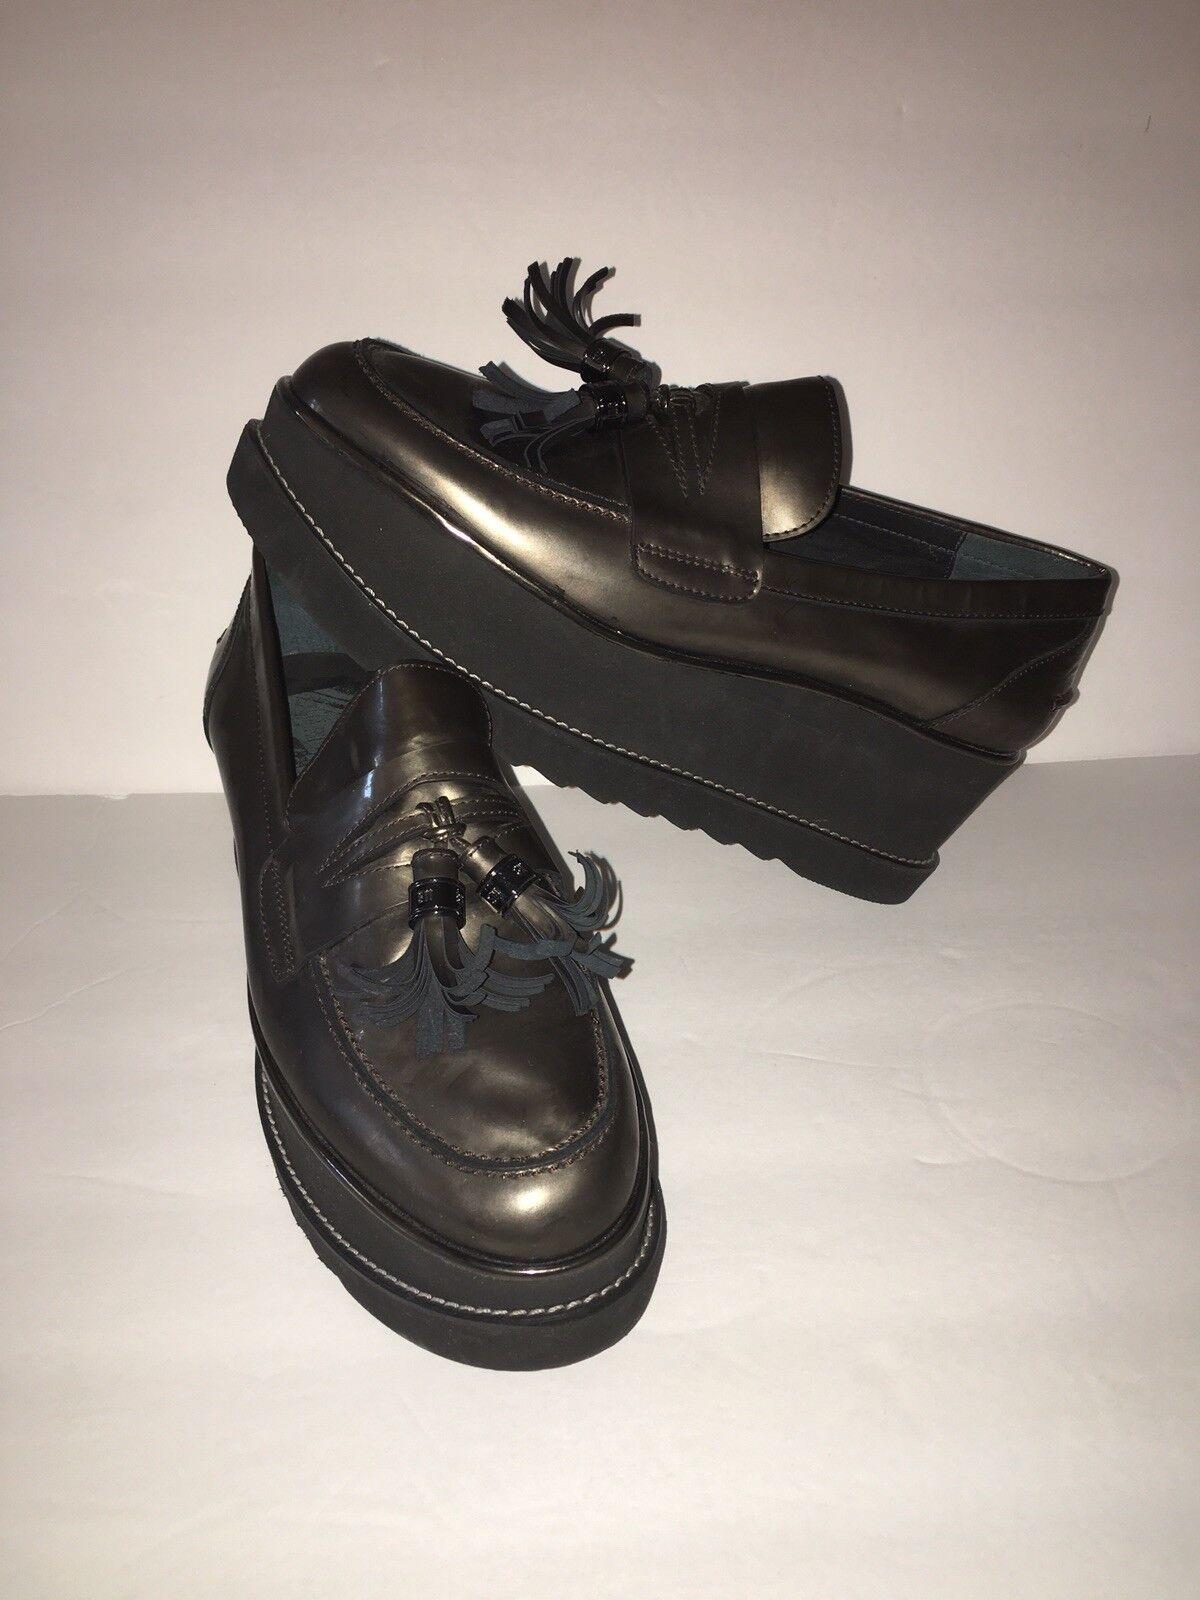 Stuart Weitzman damen Designer schuhe Metallic Tassel Loafer Wedge Größe 9.5 M